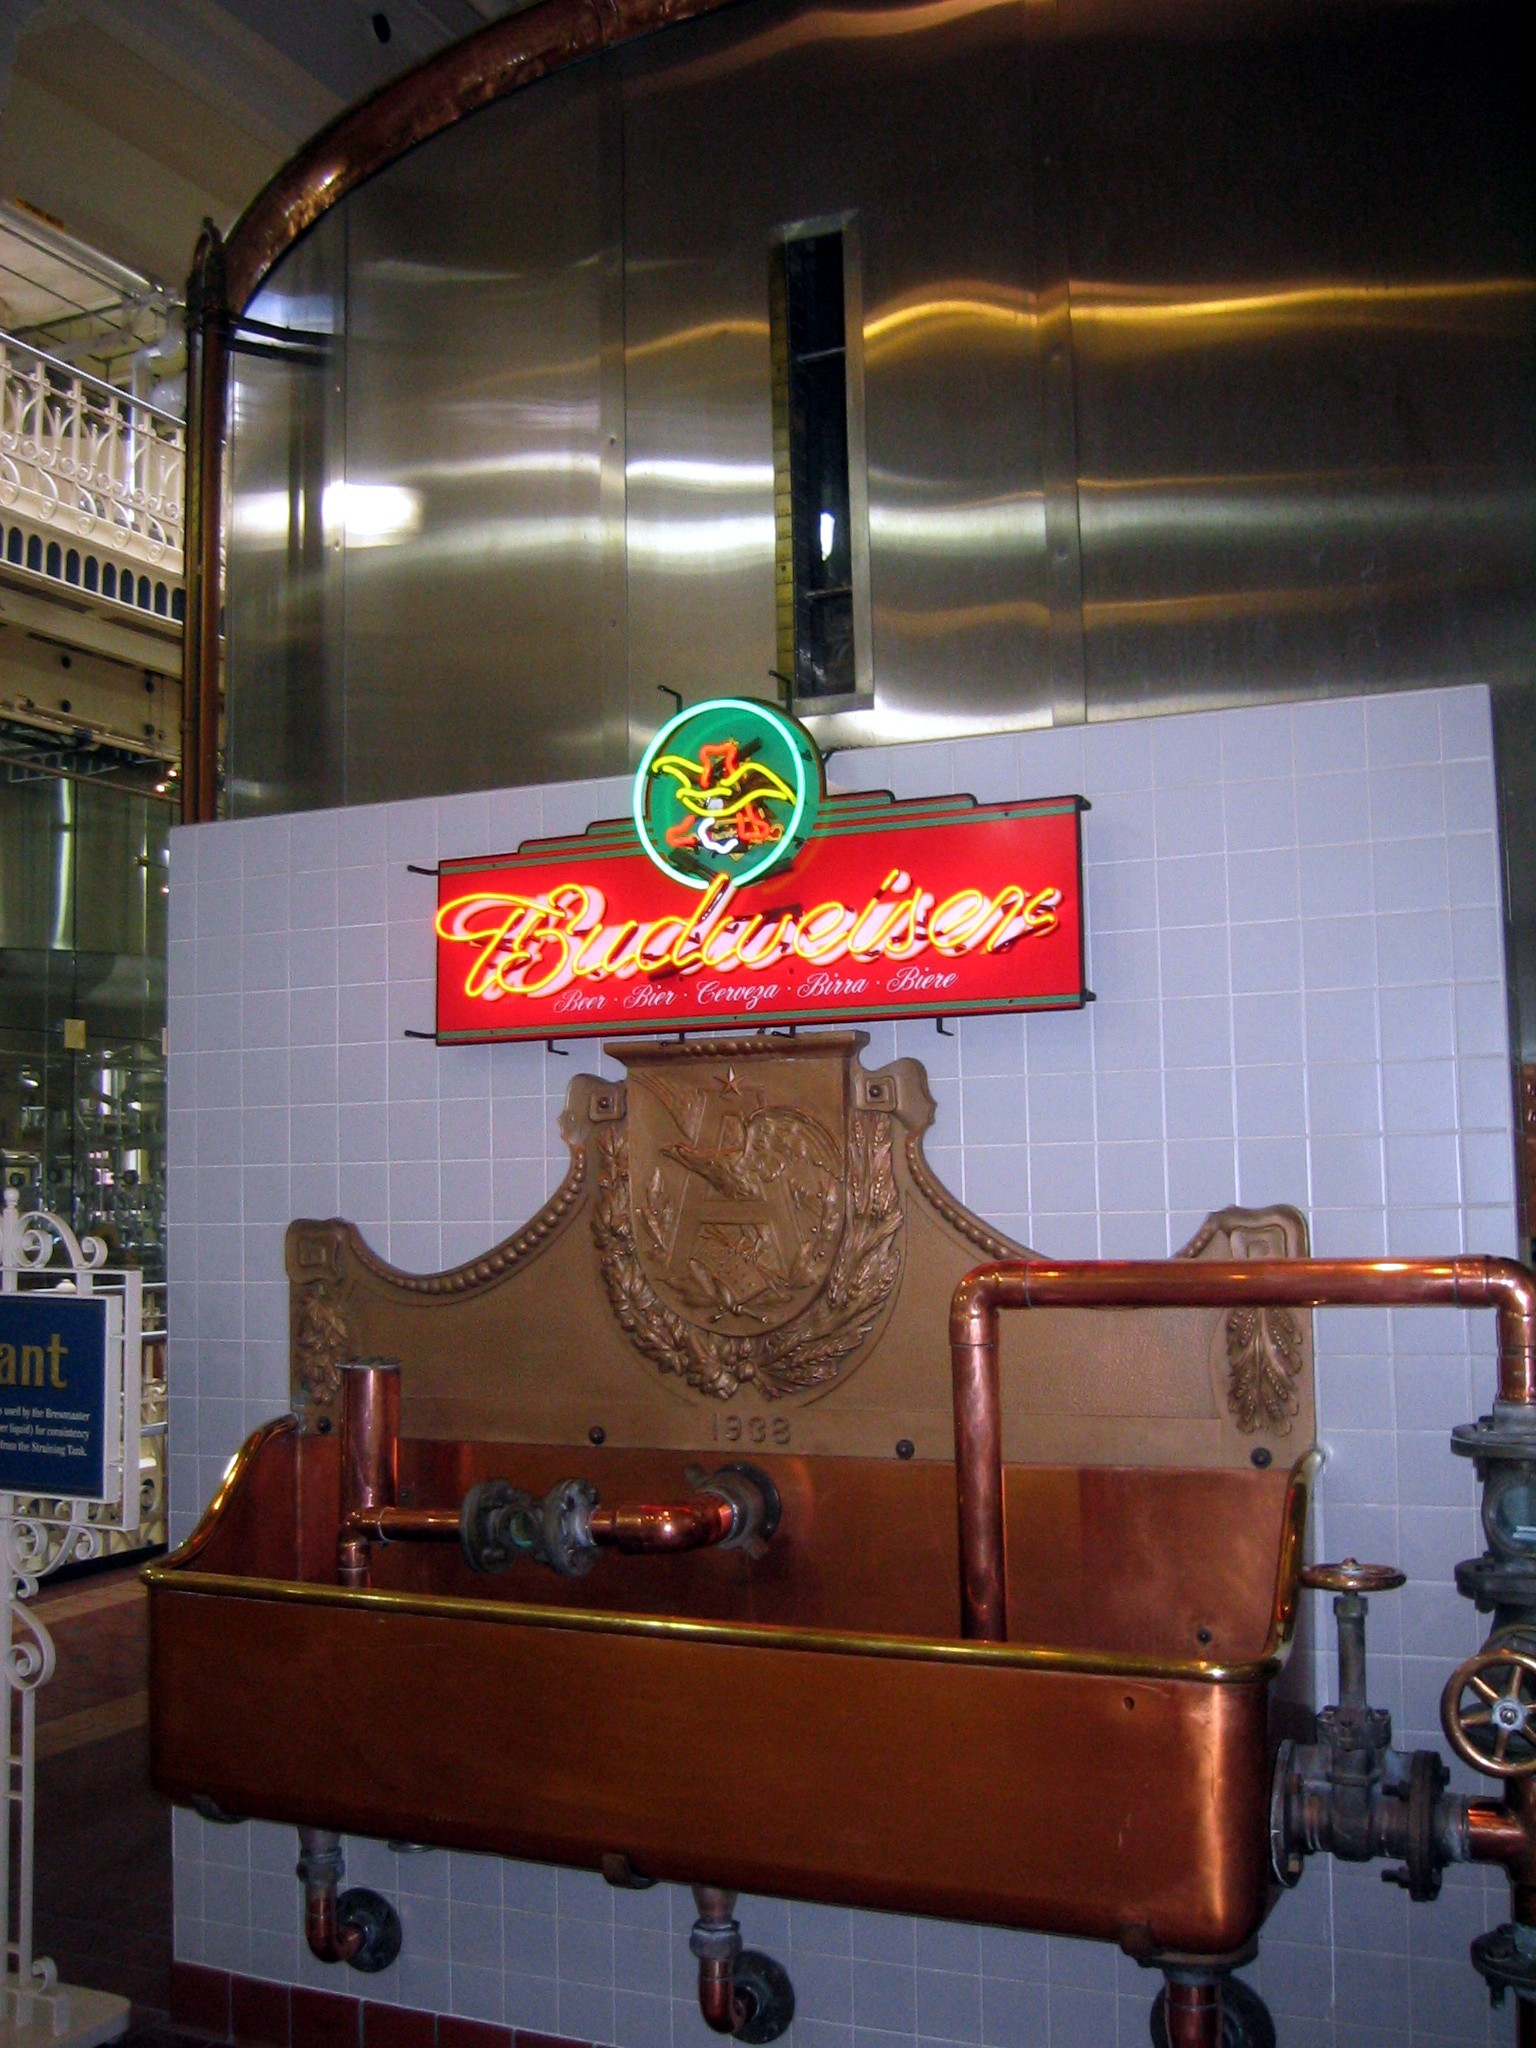 Binnenin de brouwerij